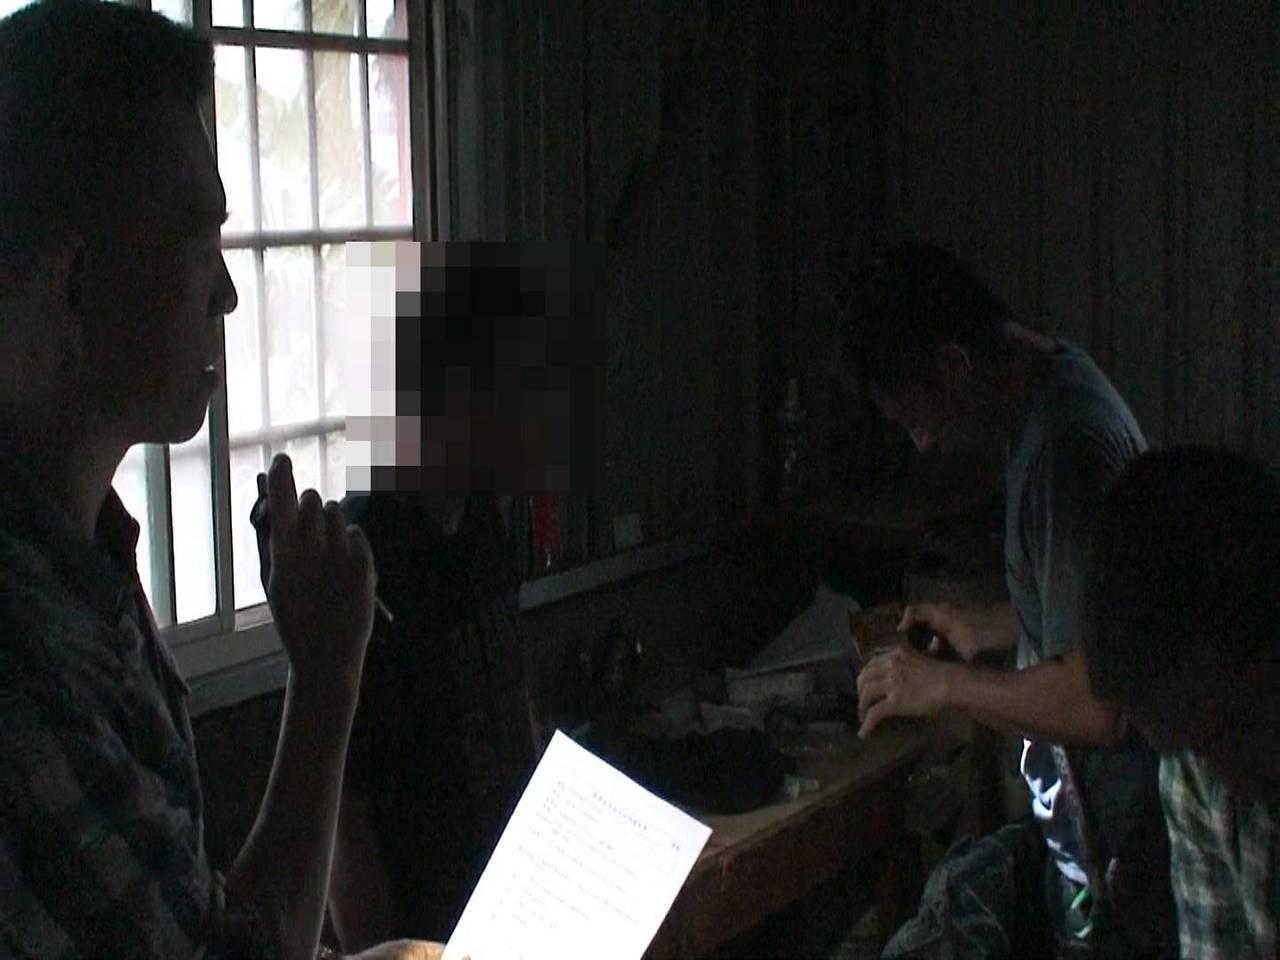 跟監多時的毒販一度逃到外地,警方仍緊追線索逮捕到案。記者謝恩得/翻攝